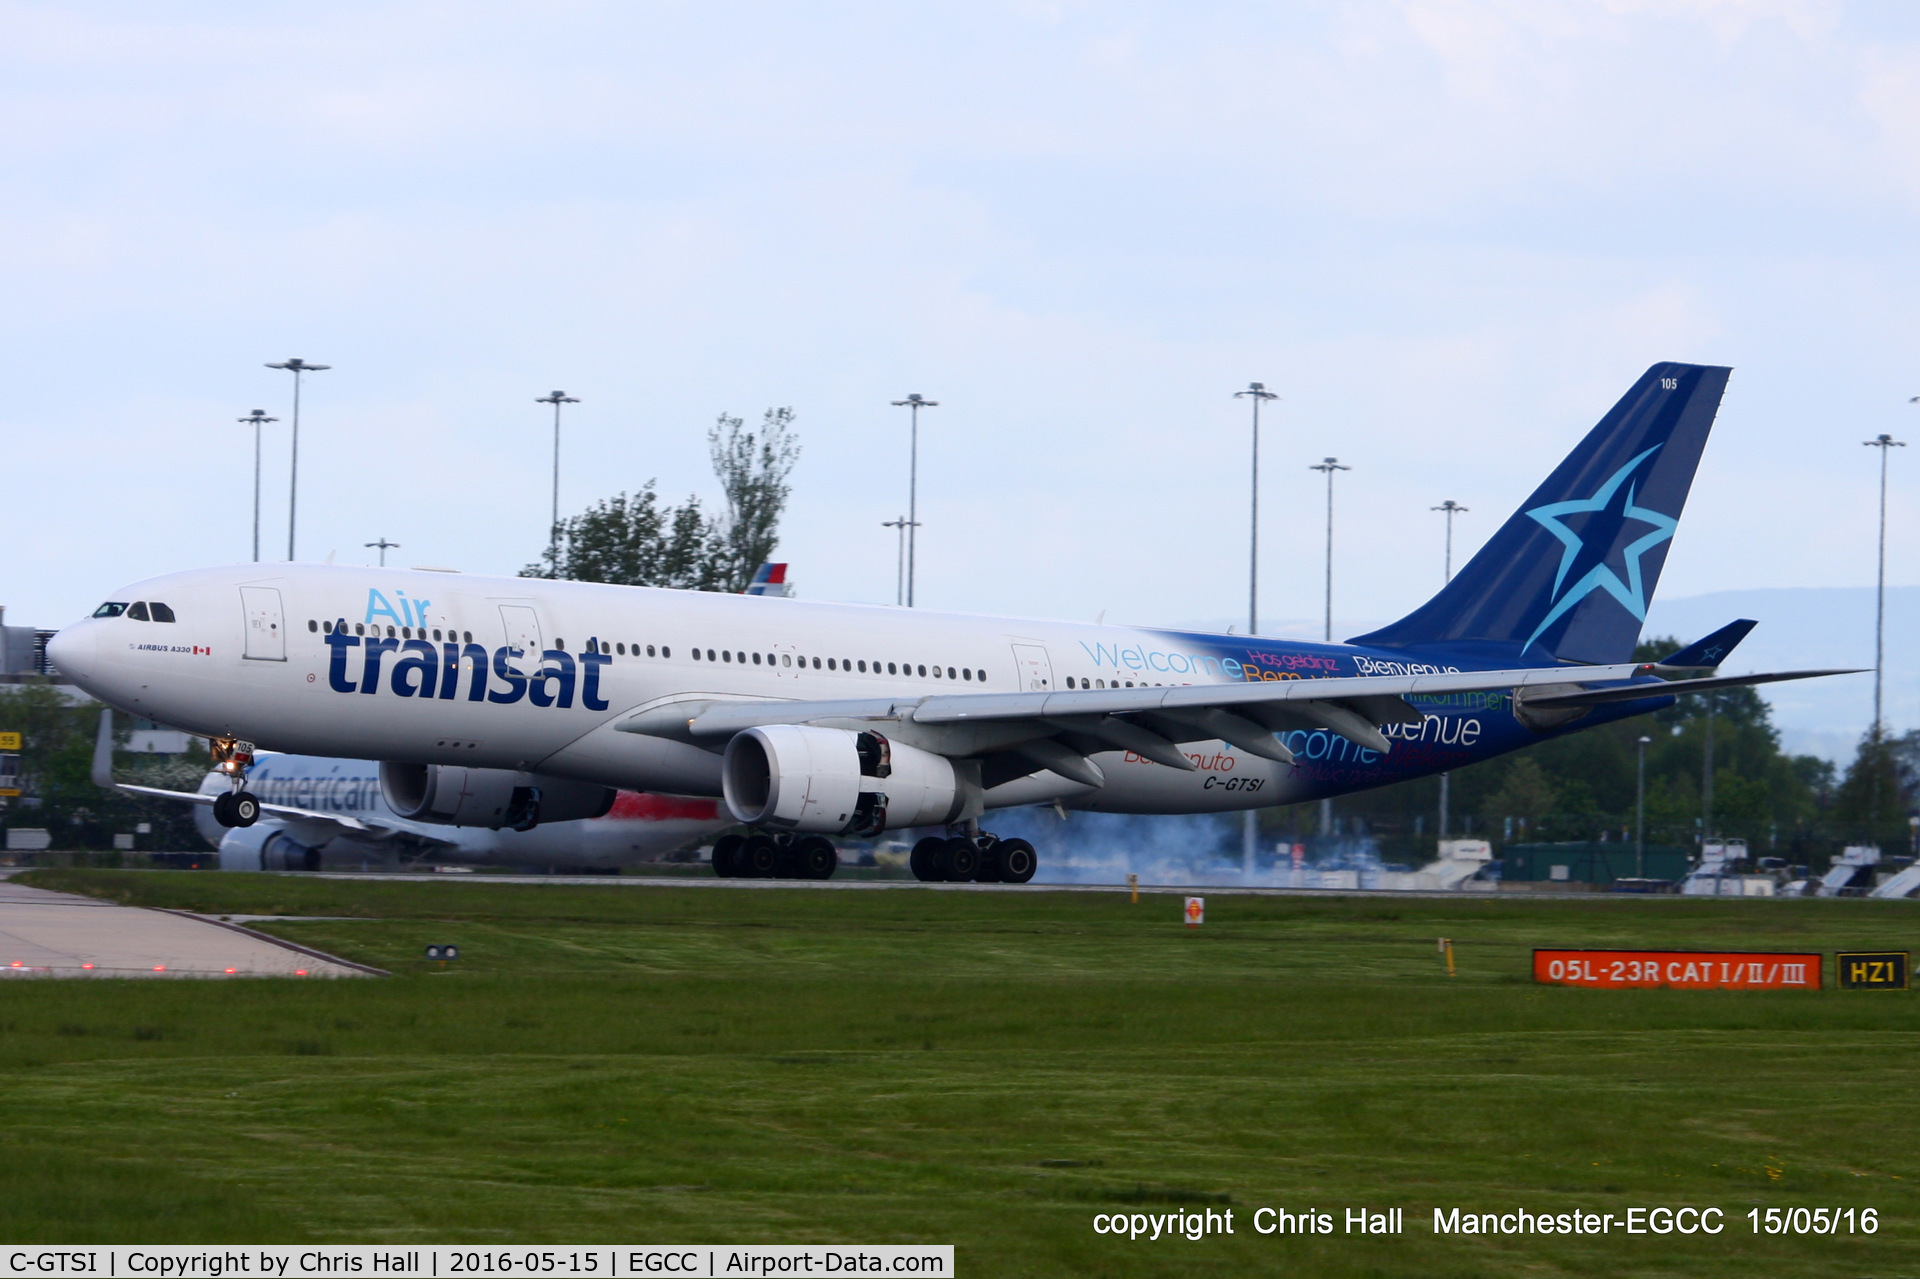 C-GTSI, 2001 Airbus A330-243 C/N 427, Air Transat